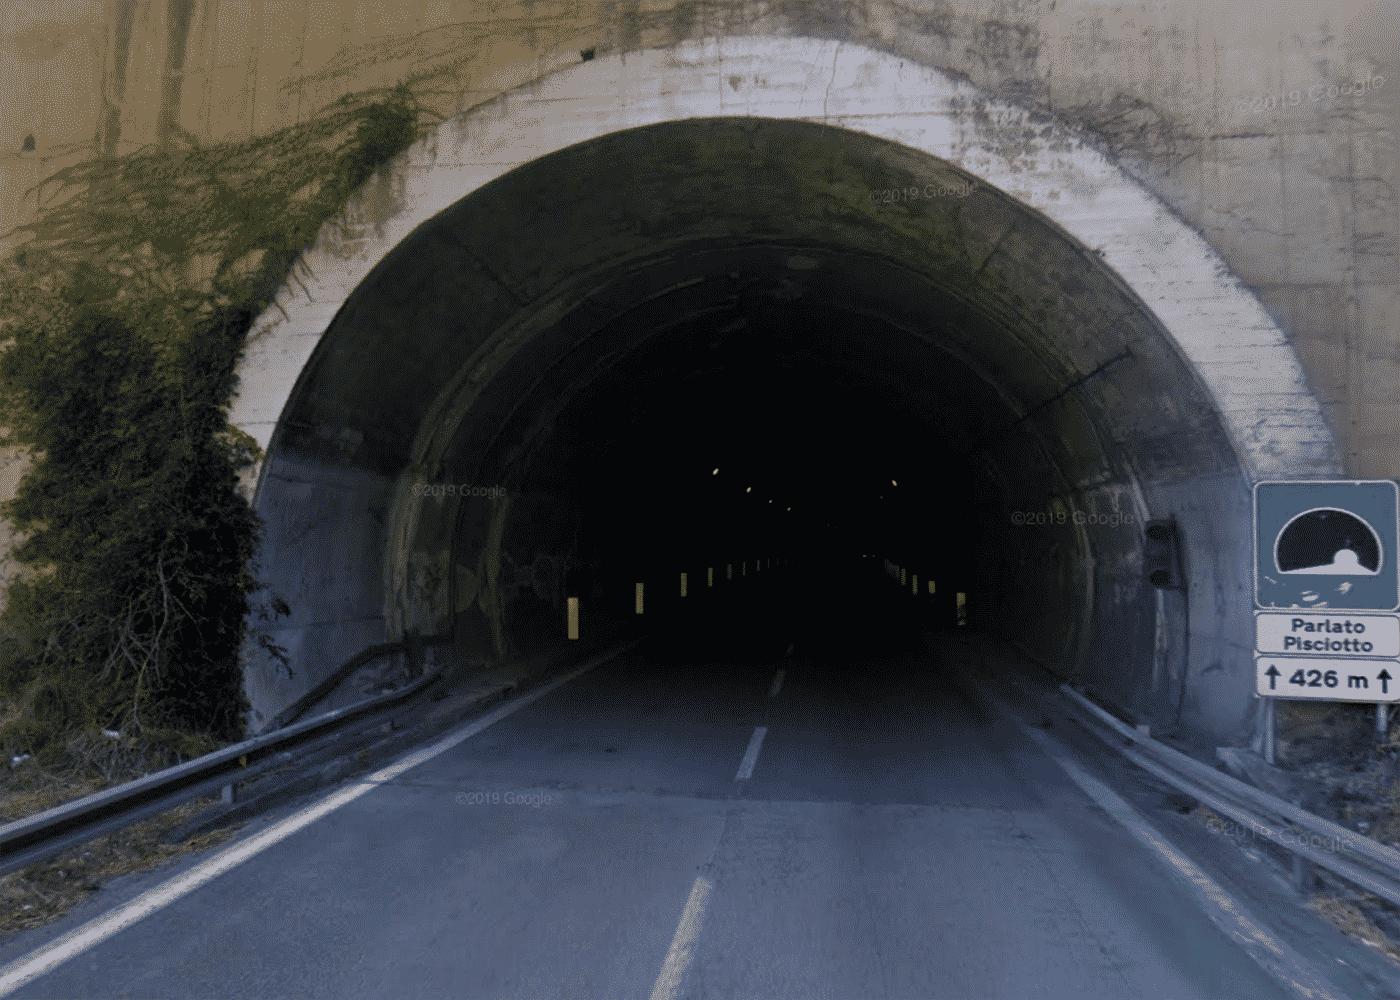 Autostrada A20 Messina-Palermo, obbligatoria l'uscita a Cefalù: interventi nella galleria Parlato-Pisciotto